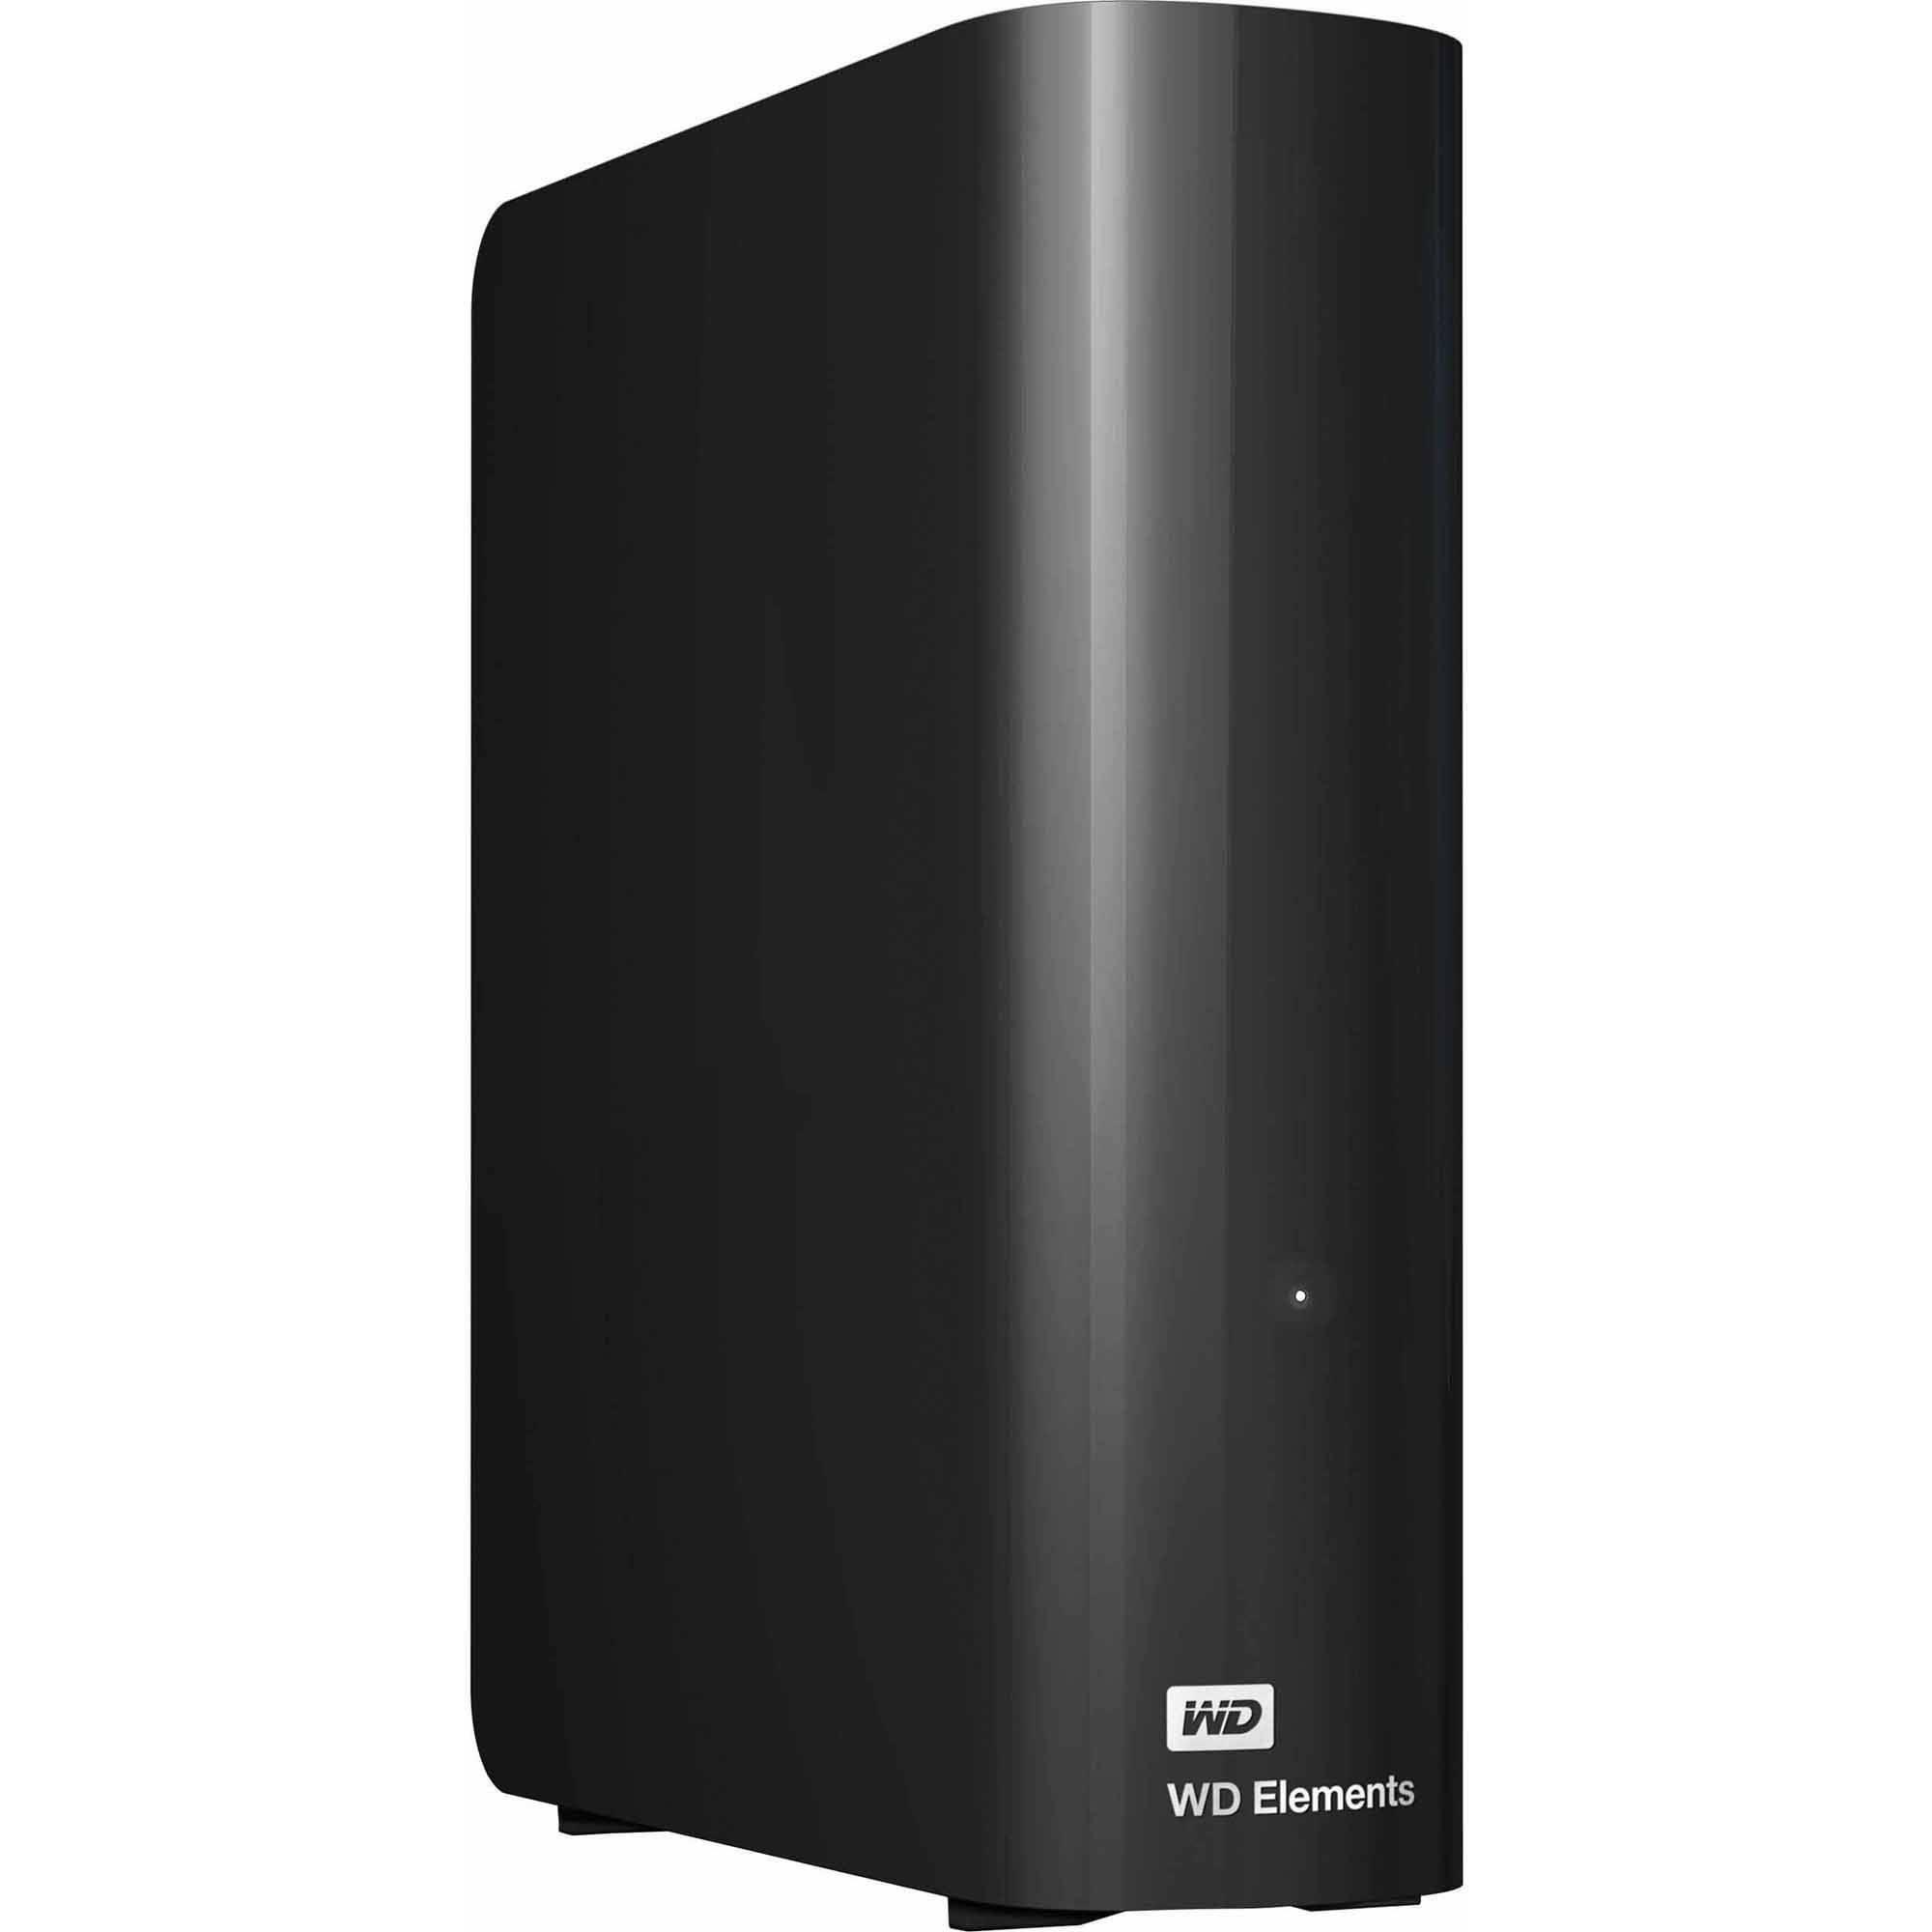 Western Digital 3TB WD Elements Desktop USB 3.0 Hard Drive by Western Digital